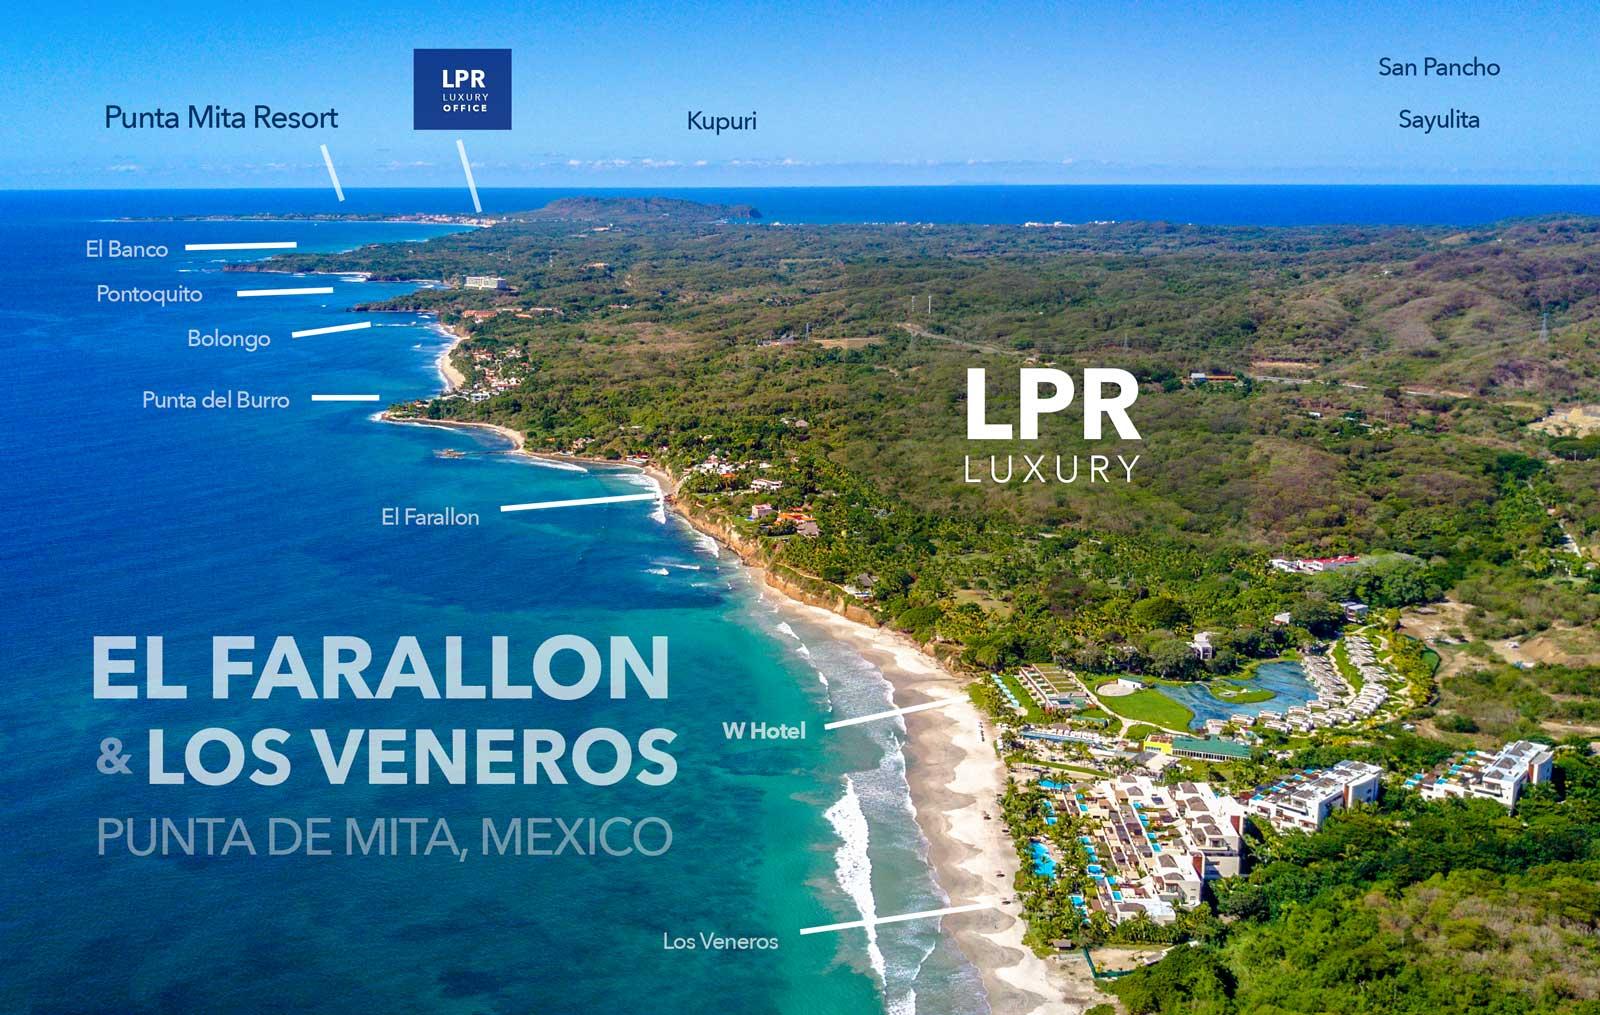 Los Veneros - Punta de Mita, Riviera Nayarit, Mexico